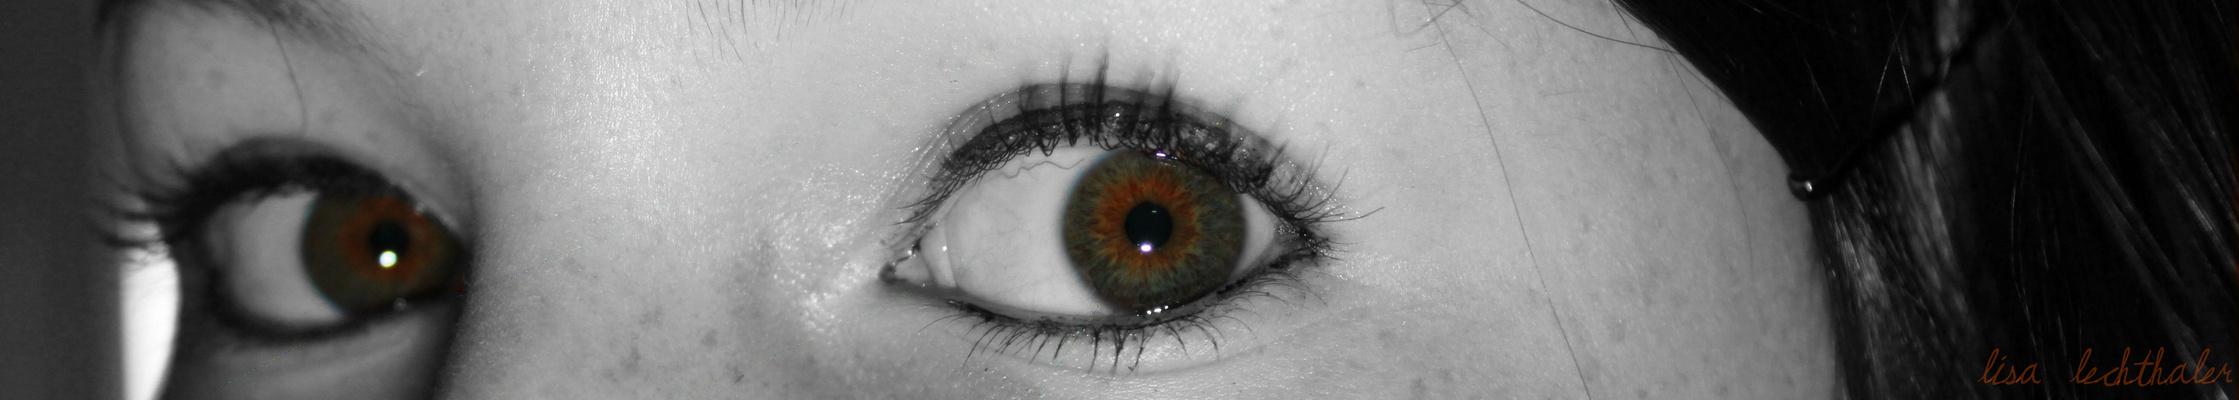 Meine Augen :-)